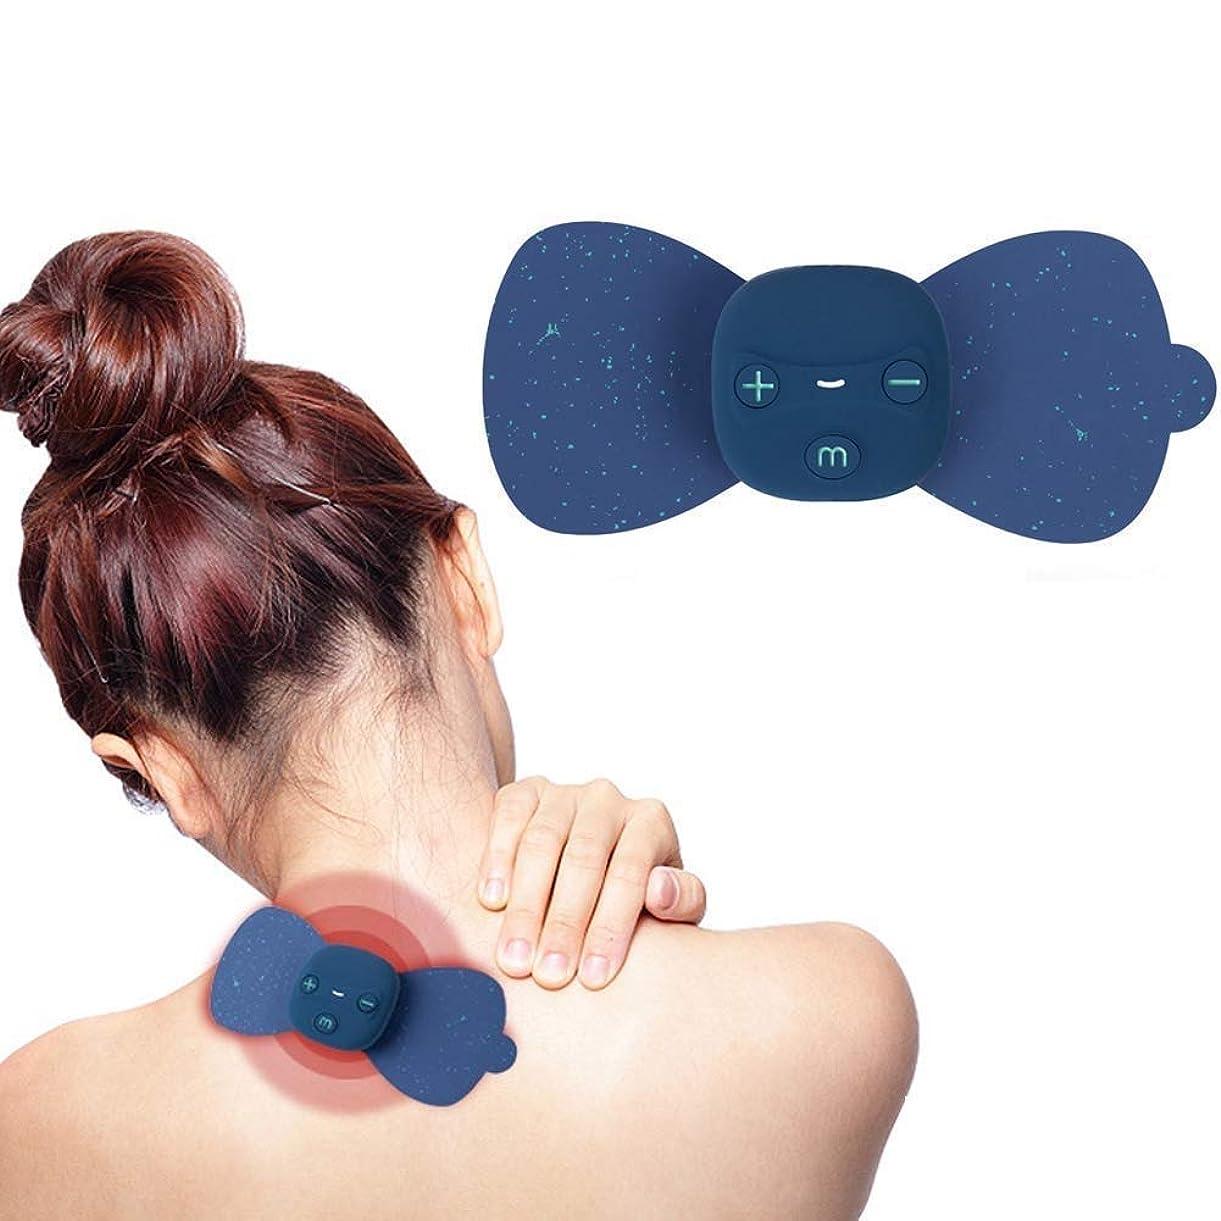 能力広範囲に羊飼いマッサージステッカー EMSマッサージテンマシンセラピーデバイス、ワイヤレステンユニット - 電極パッドデバイス - 電気刺激マシン - EMS痛み緩和療法神経刺激用筋肉